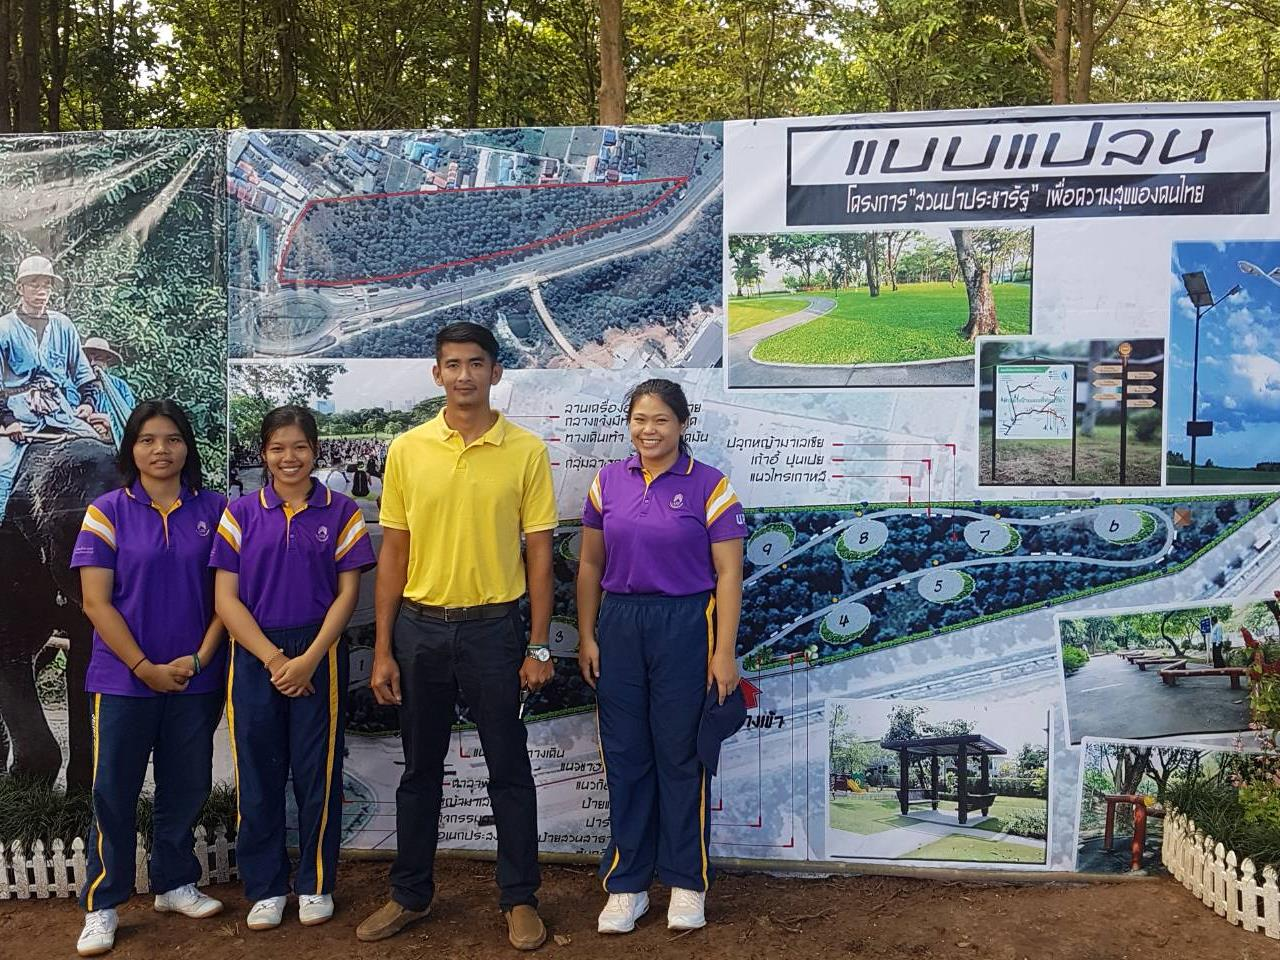 """คณะเกษตรศาสตร์และทรัพยากรธรรมชาติ,มหาวิทยาลัยพะเยา,เข้าร่วมโครงการป่าในเมือง,"""",สวนป่าประชารัฐ,เพื่อความสุขของคนไทย,"""""""